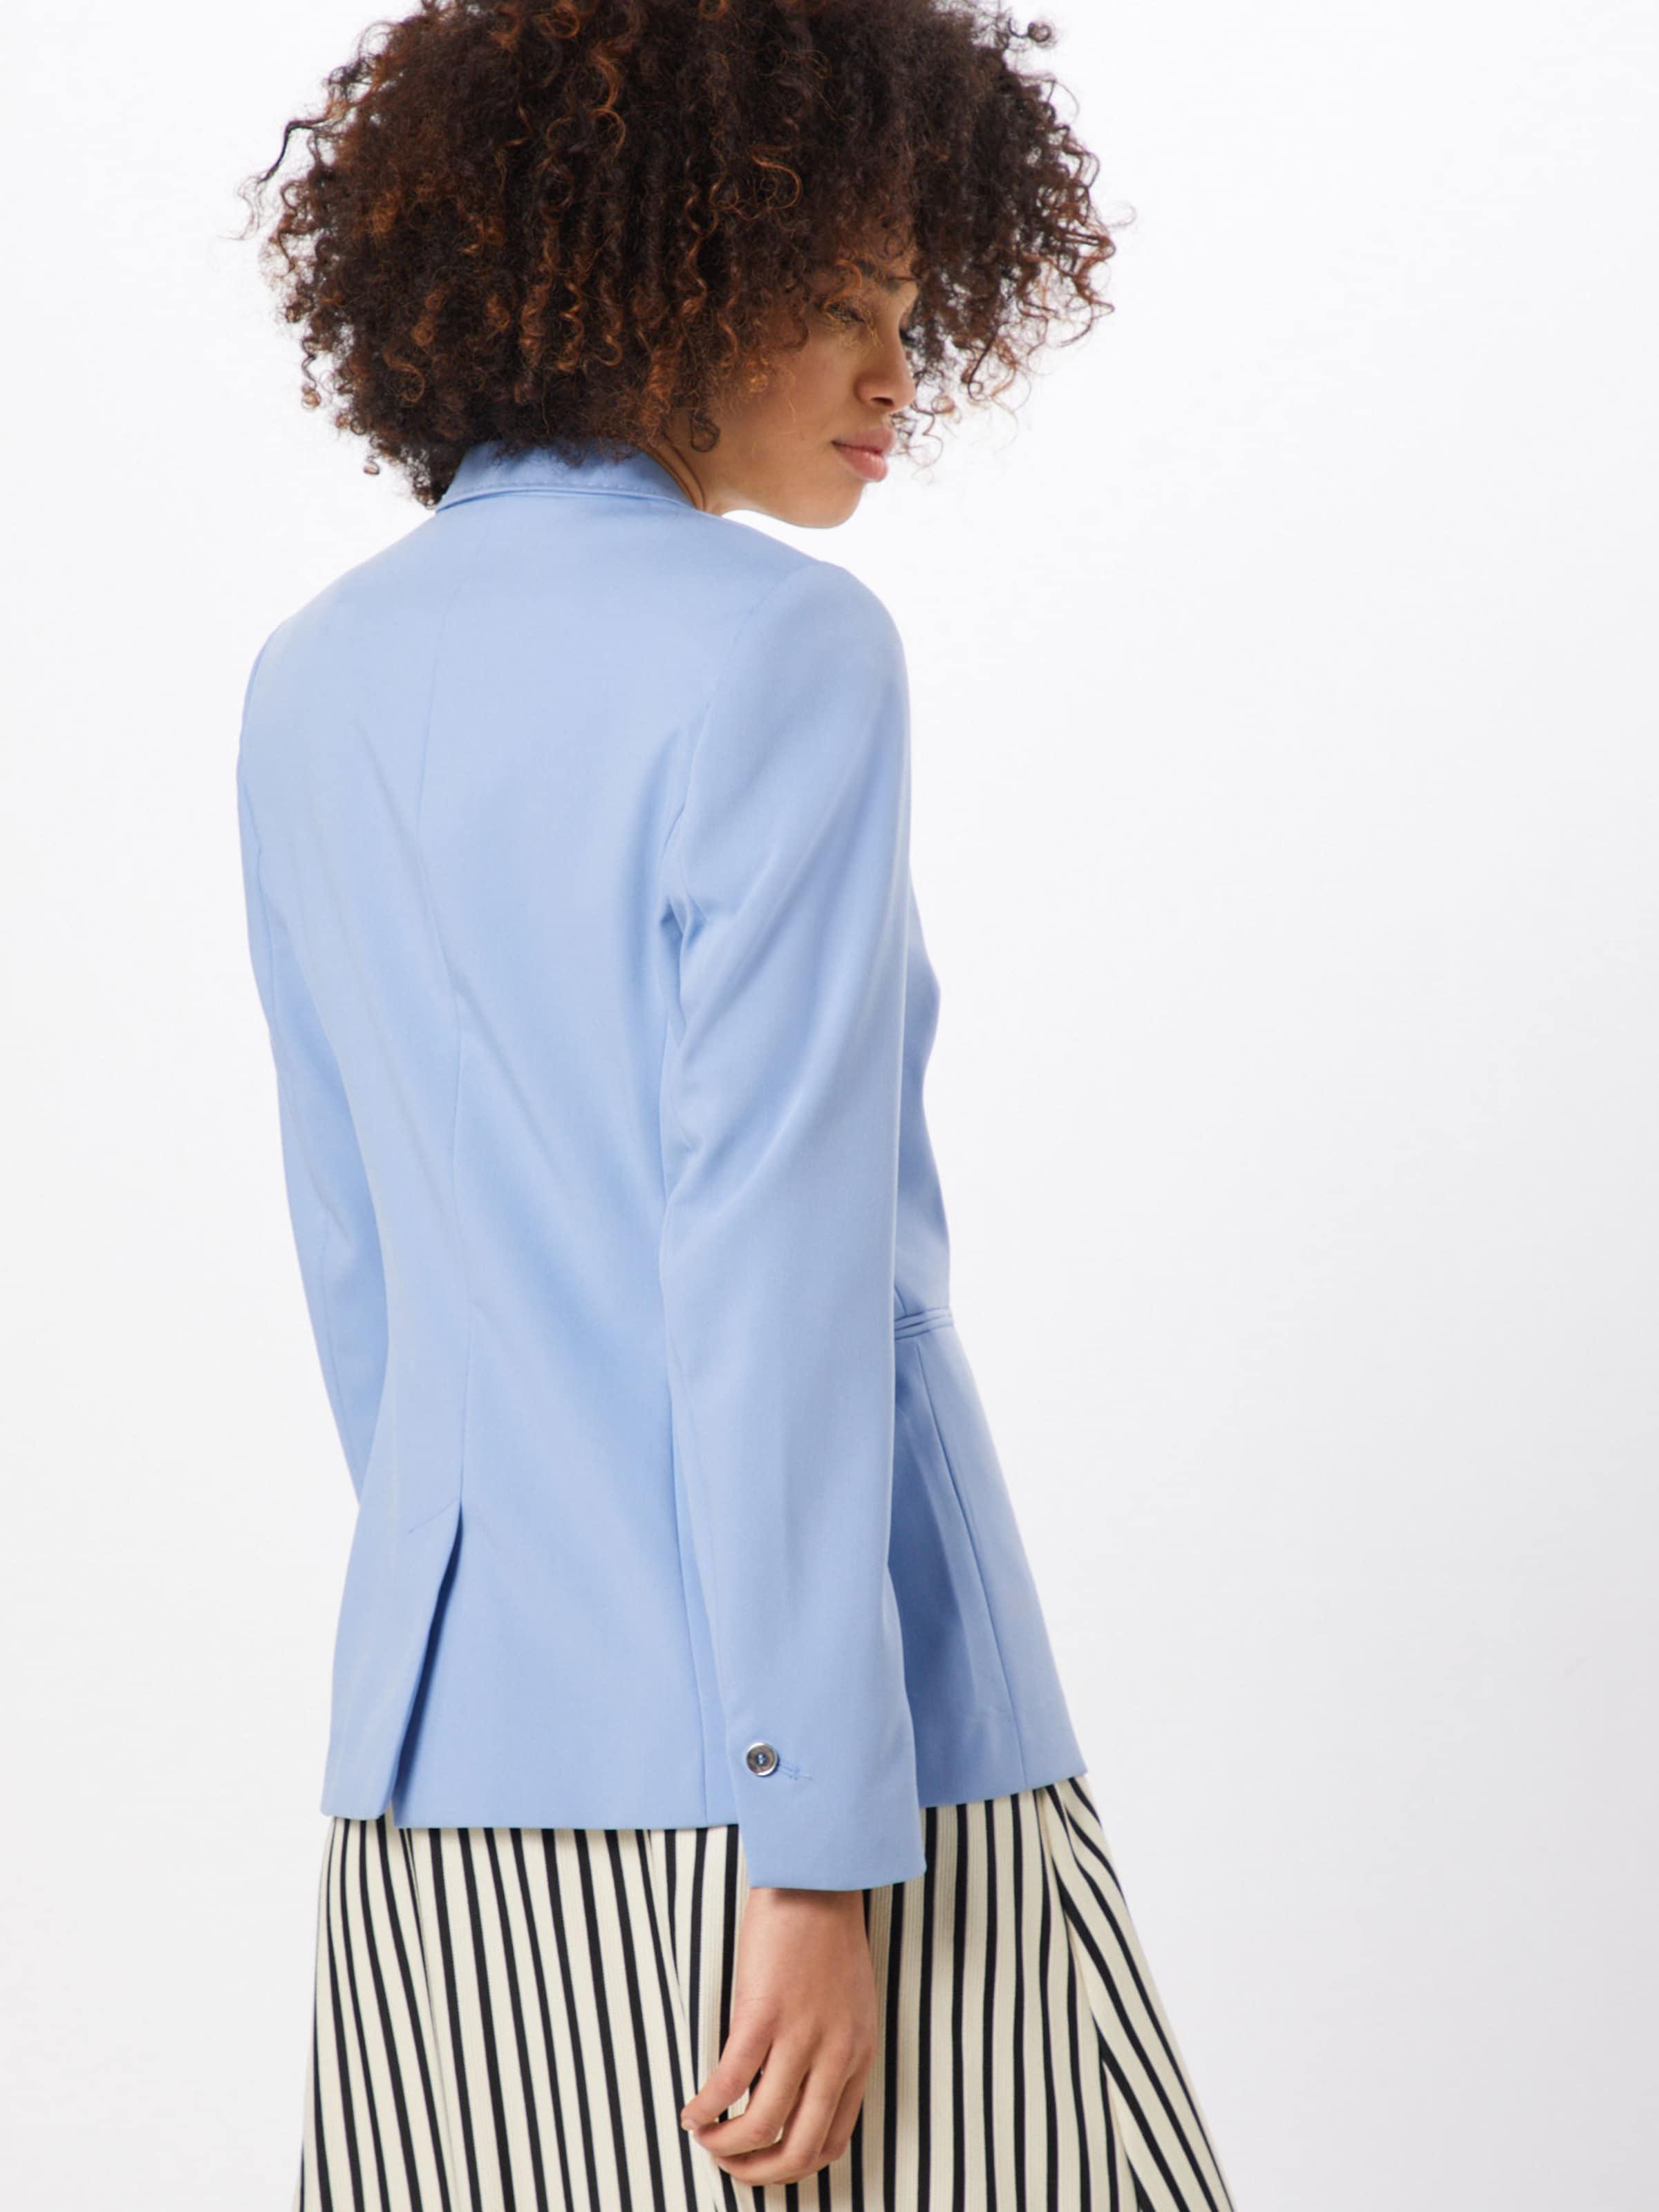 Hellblau Esprit Blazer Blazer In Esprit Collection Collection SqMzVUp